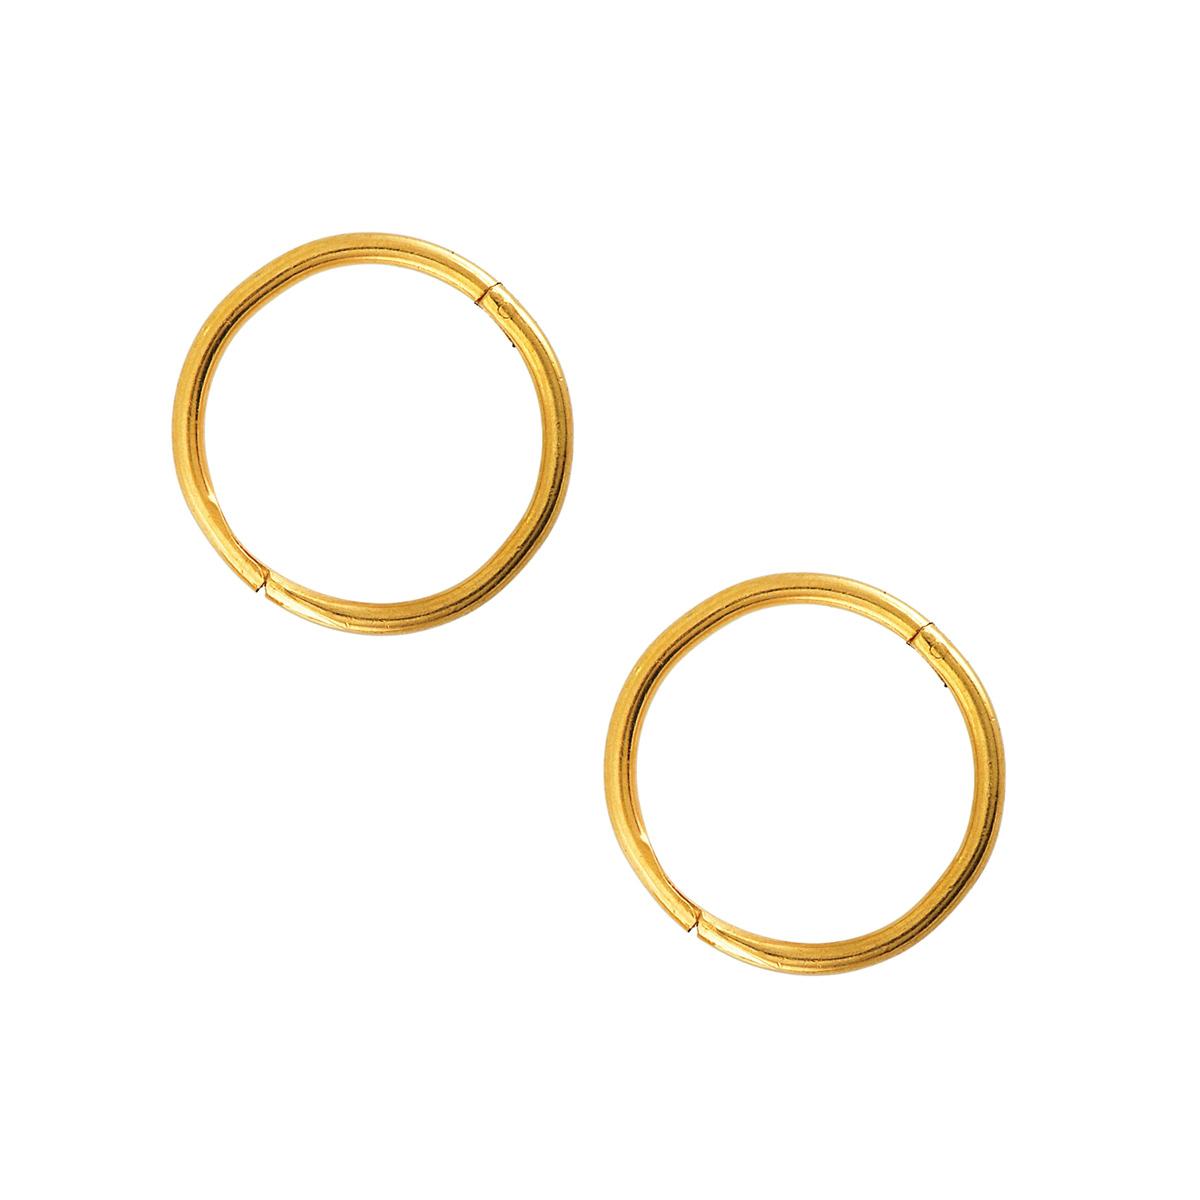 studex-sensitive-gold-hoops-10